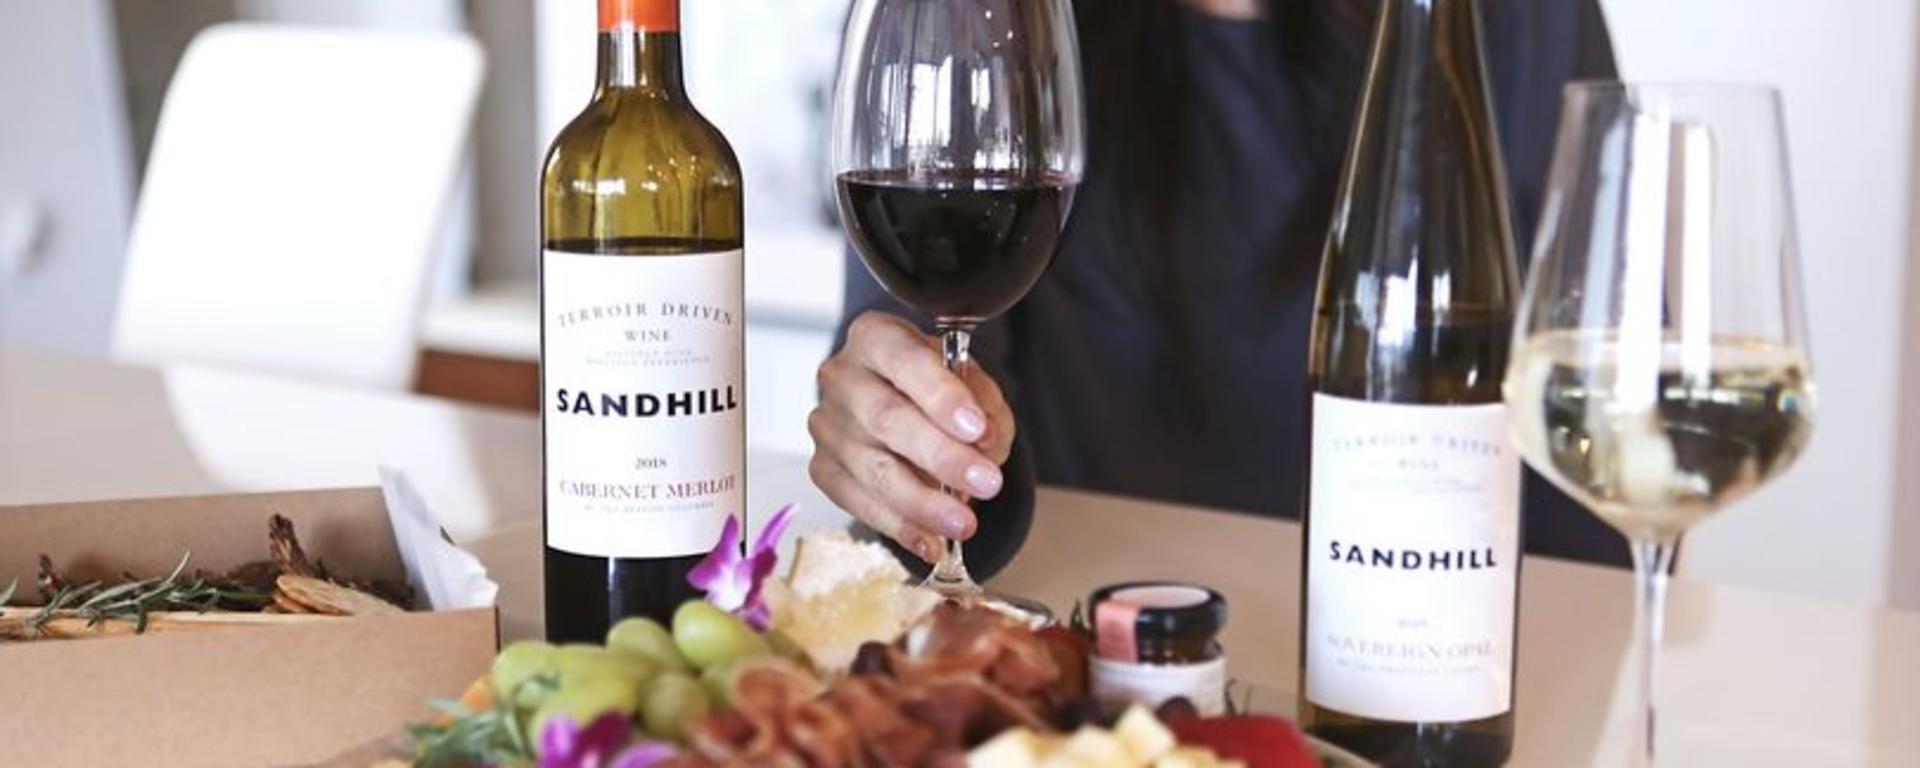 Graze & Sandhill Wines